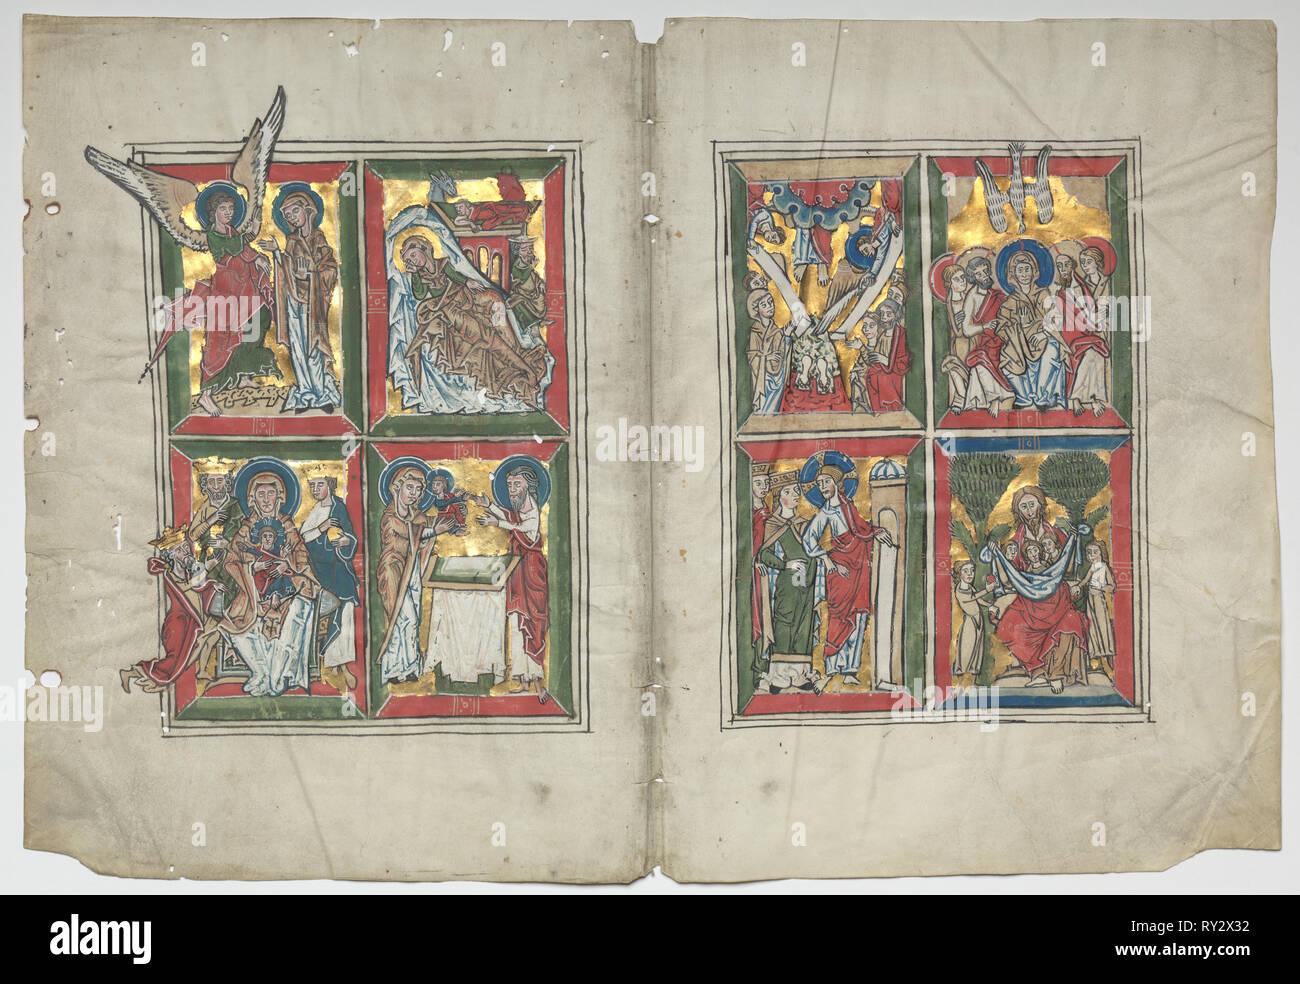 Bifolia avec des scènes de la vie du Christ, 1230-1240. Allemagne, Basse-Saxe (diocèse de Hildesheim), Braunschweig(?), 13e siècle. Tempera et or sur parchemin; pans: 48,3 x 63,5 cm (19 x 25 in.); total: 30,7 x 45,2 cm (12 1/16 x 17 13/16 in.); enchevêtrées: 40,6 x 55,9 cm (16 x 22 in Banque D'Images